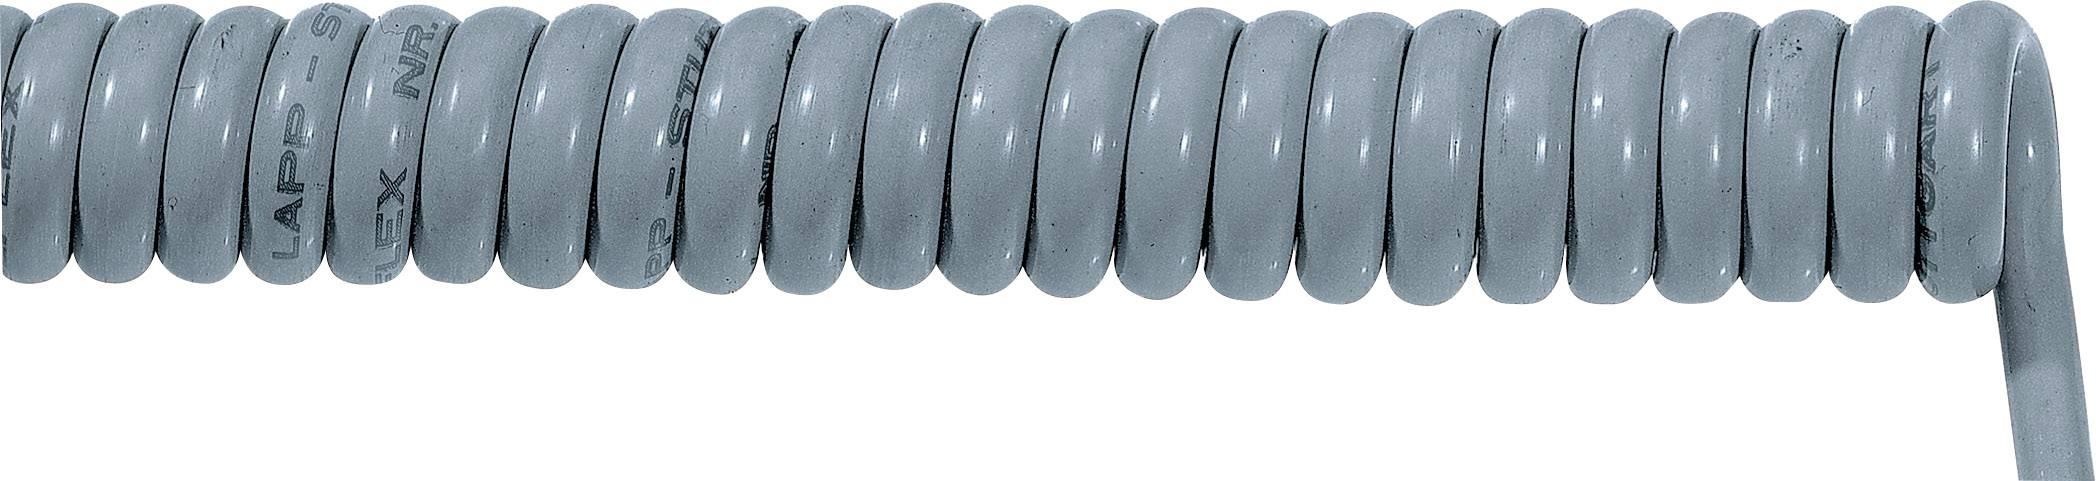 Špirálový kábel 70002666 ÖLFLEX® SPIRAL 400 P 7 x 1 mm², 500 mm / 1250 mm, sivá